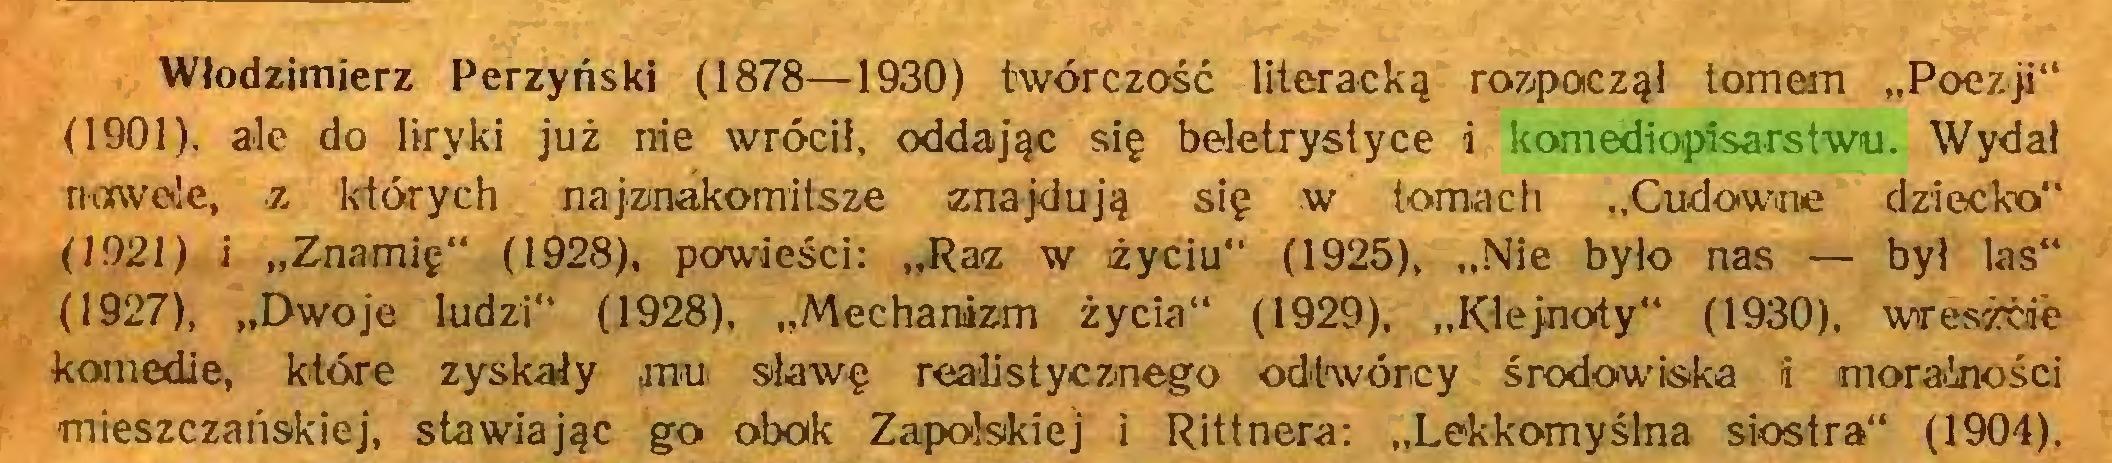 """(...) Włodzimierz Perzyński (1878—1930) twórczość literacką rozpoczął tomem """"Poezji"""" (1901), ale do liryki już nie wrócił, oddając się beletrystyce i komediopisarstwu. Wydał nowele, z których najznakomitsze znajdują się w tomach """"Cudowne dziecko"""" (1921) i """"Znamię"""" (1928), powieści: """"Raz w życiu"""" (1925), """"Nie było nas — był las"""" (1927), """"Dwoje ludzi"""" (1928), """"Mechanizm życia"""" (1929), """"Klejnoty"""" (1930), wresżćae komedie, które zyskały mu sławę realistycznego odtwórcy środowiska i moralności mieszczańskiej, stawiając go obok Zapolskiej i Rittnera: """"Lekkomyślna siostra"""" (1904)..."""